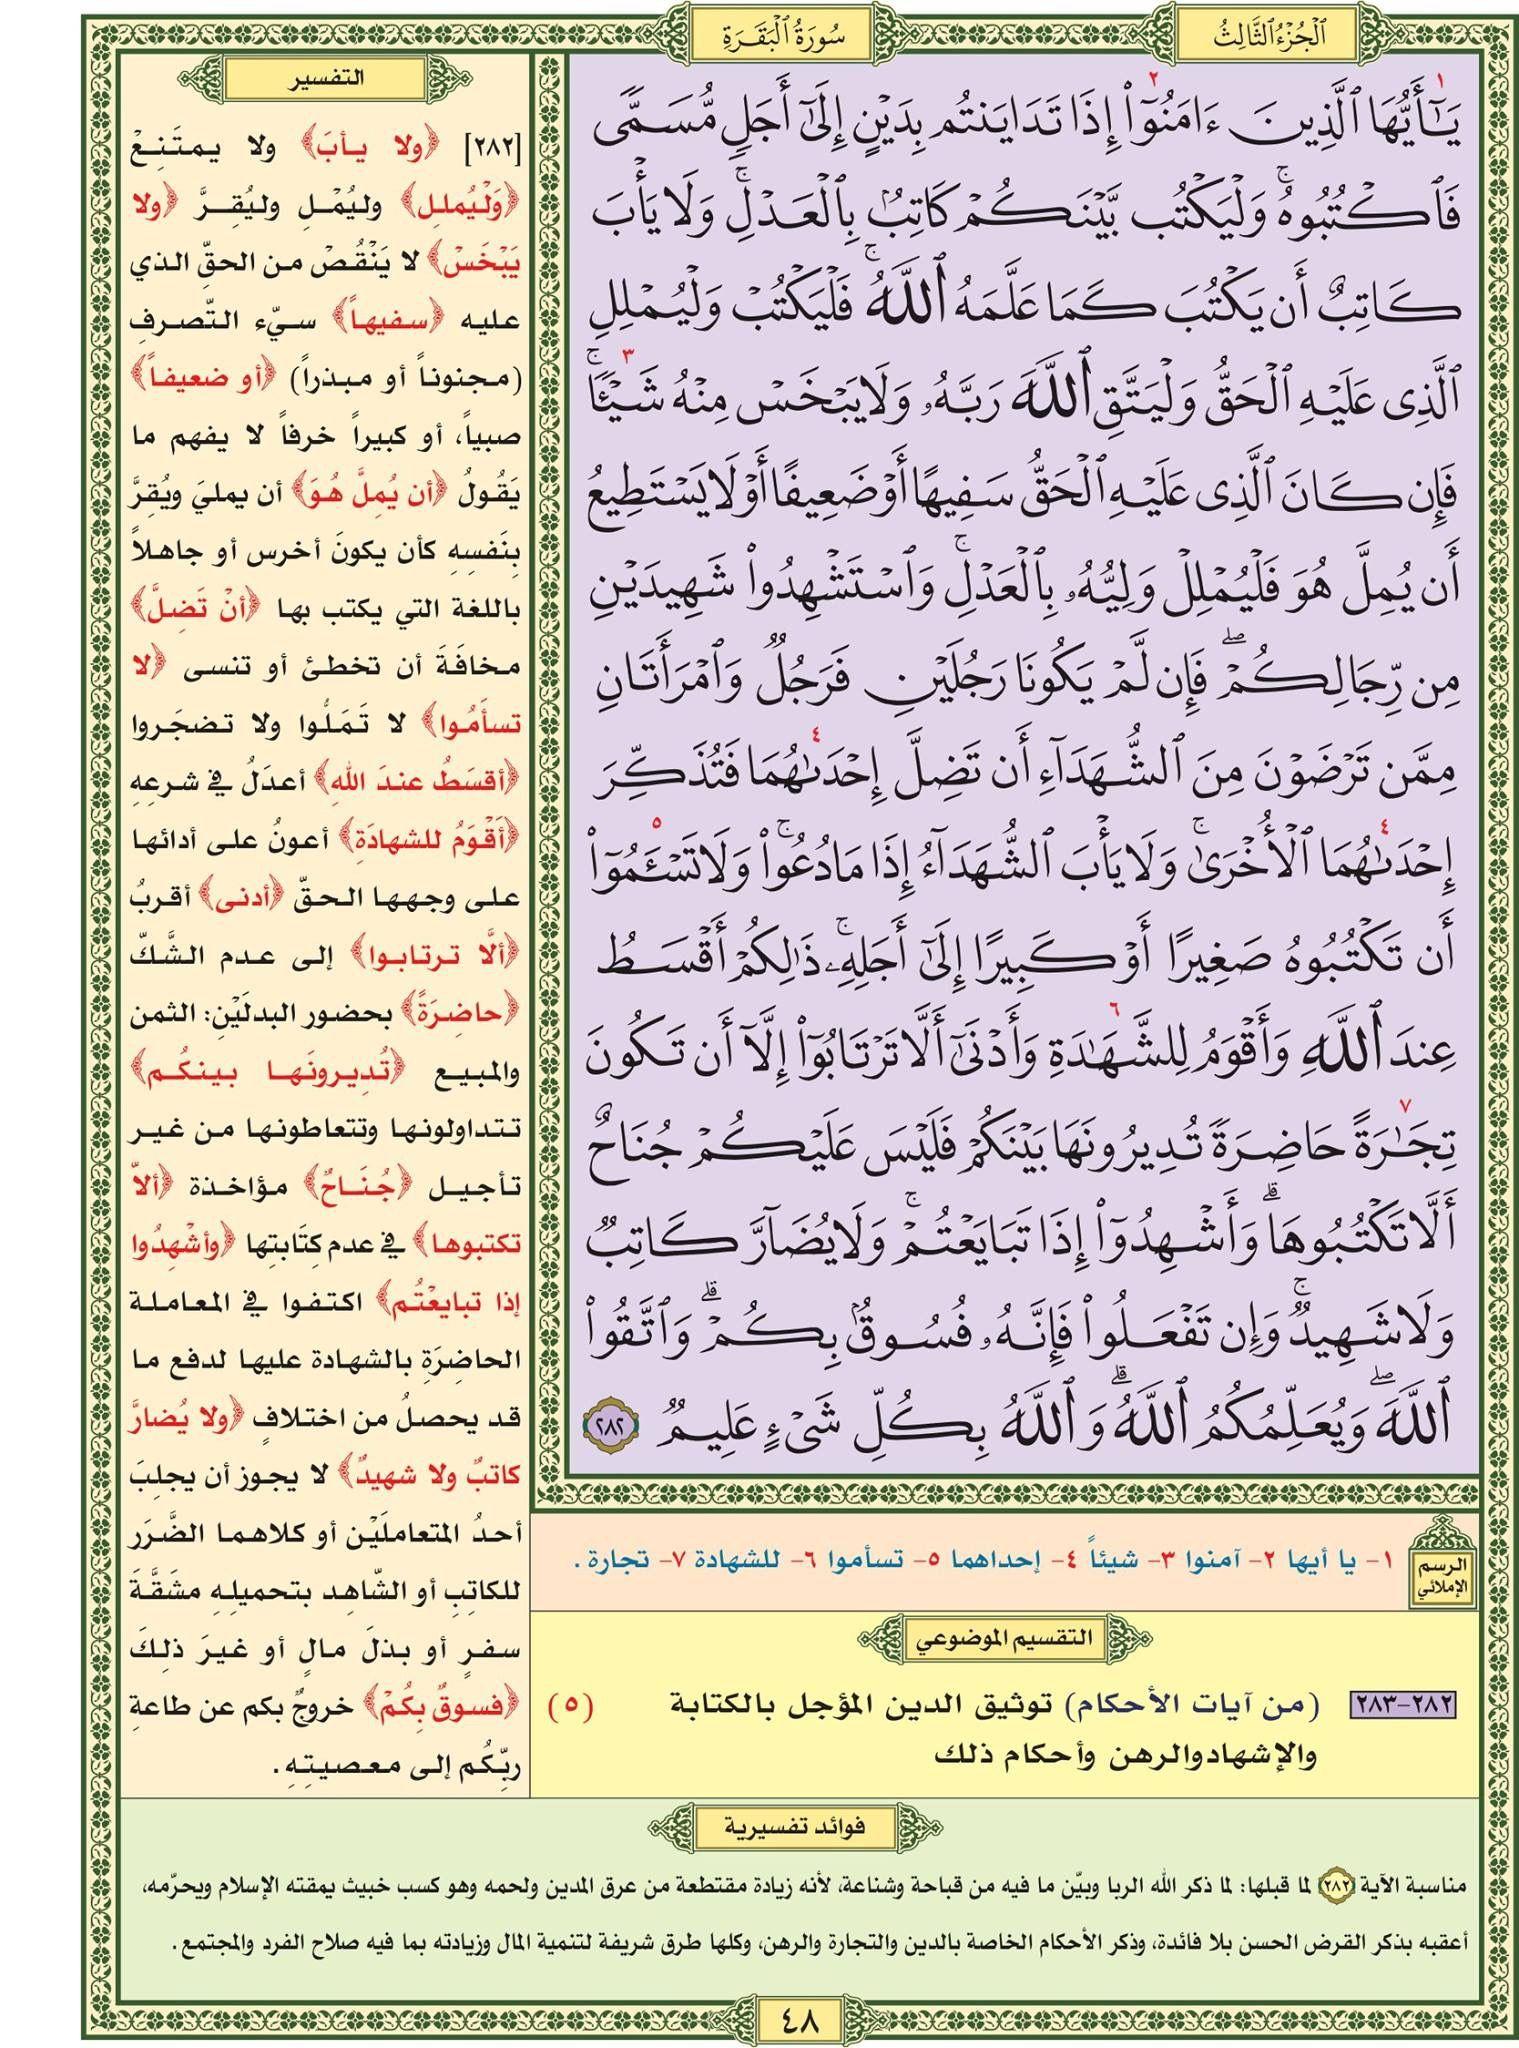 سورة البقرة صفحة رقم ٤٨ مصحف التقسيم الموضوعي للحافظ المتقن Holy Quran Book Quran Verses Quran Book